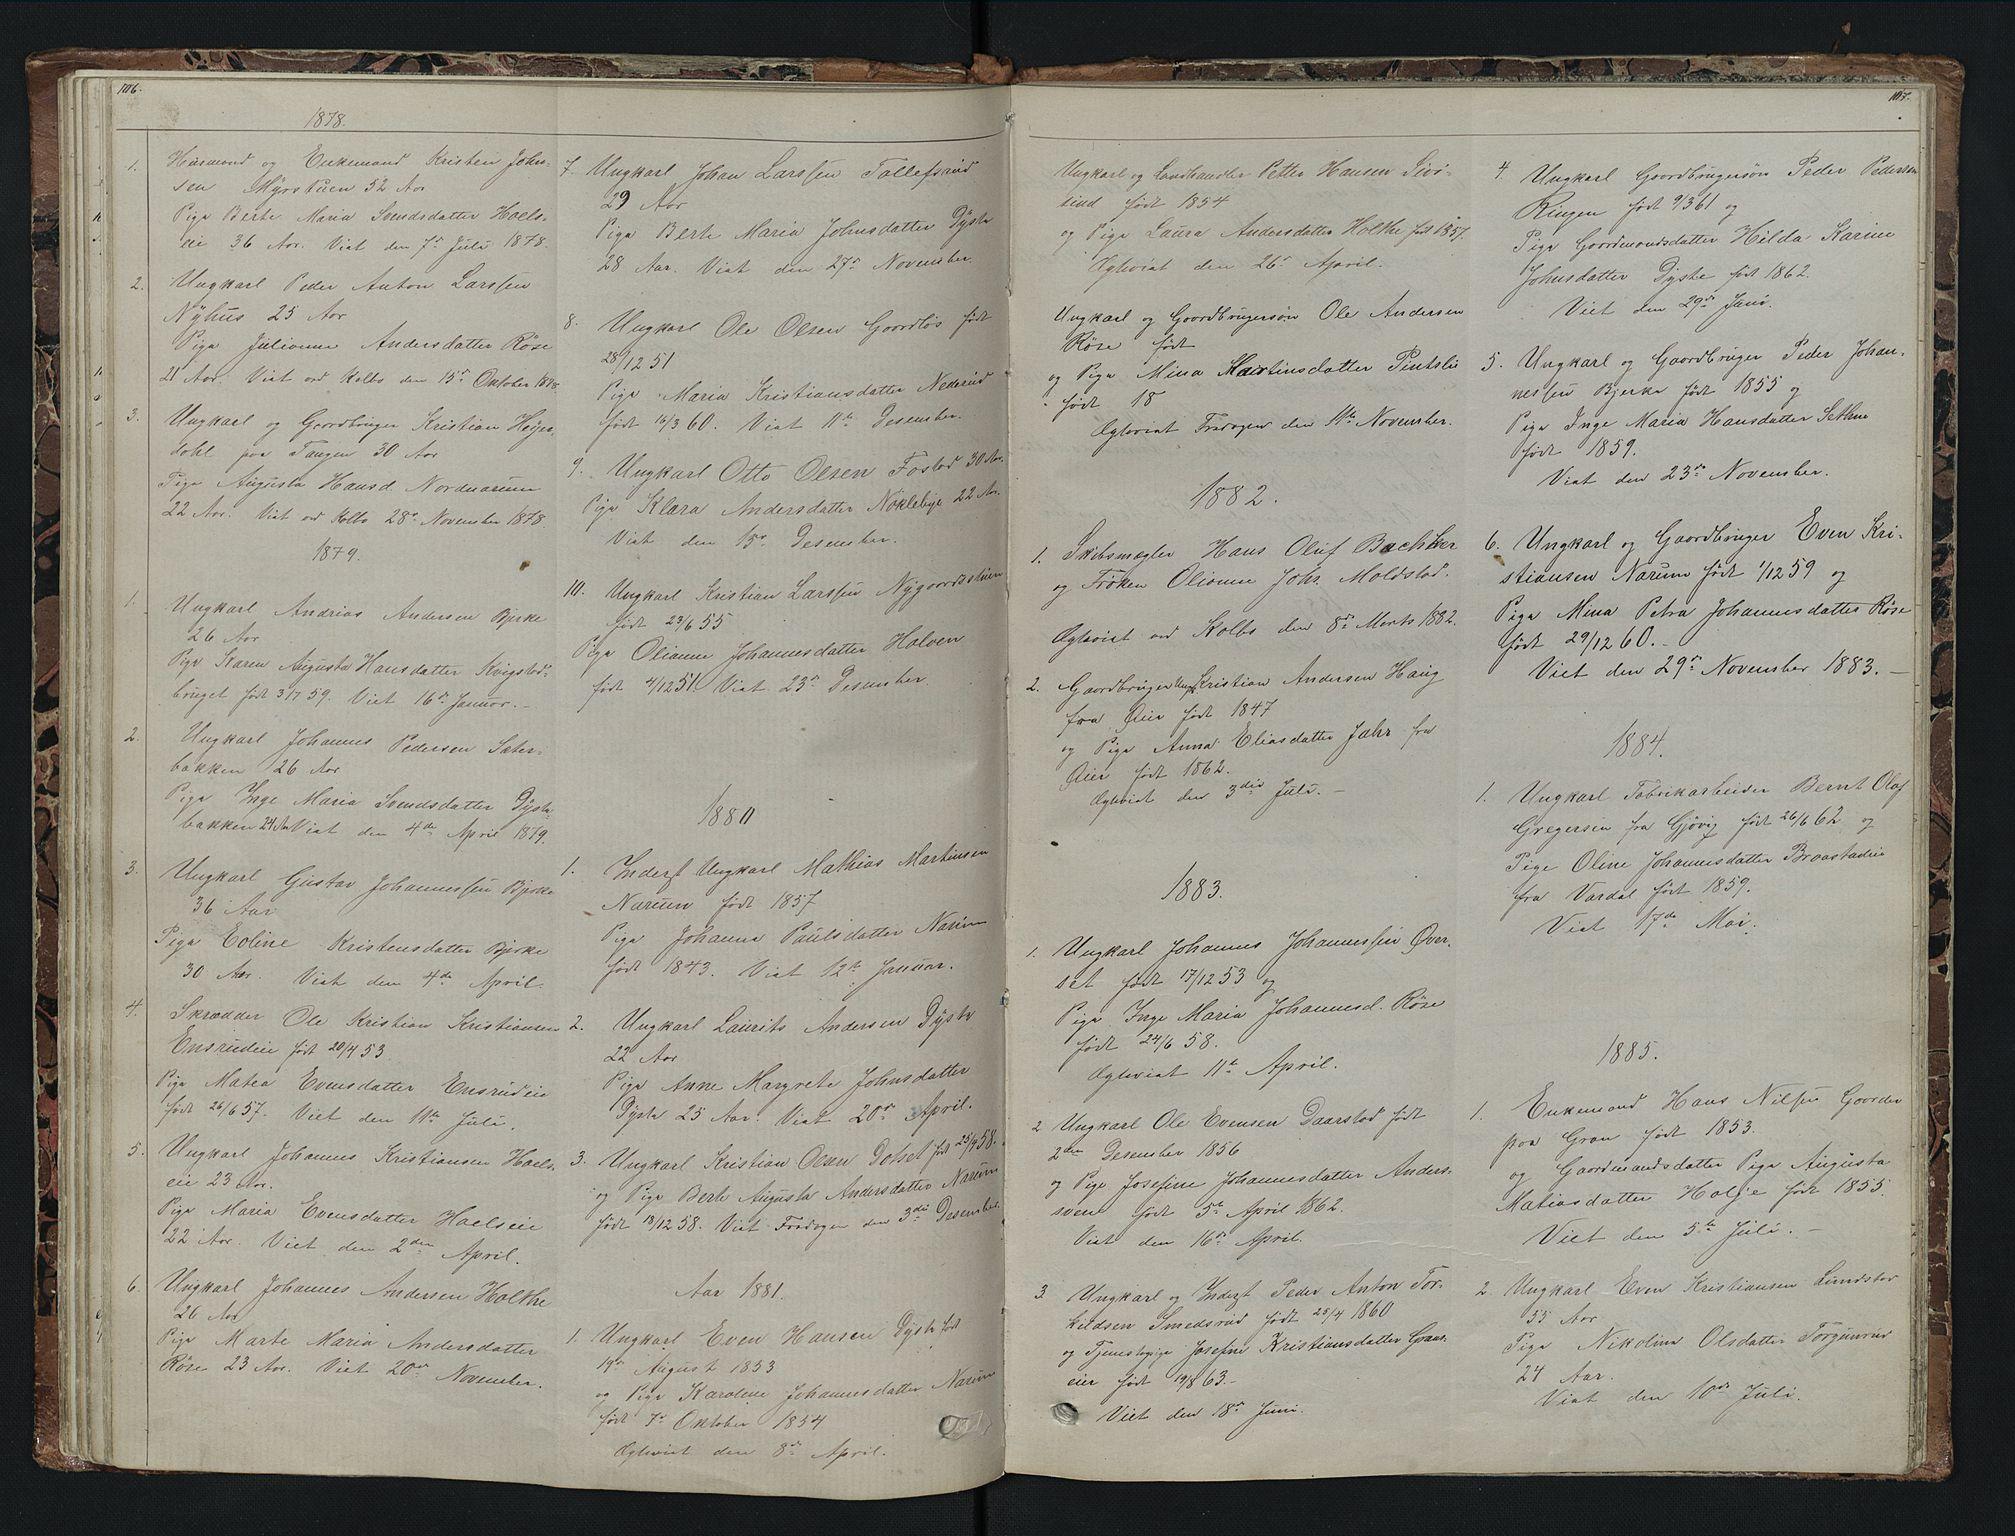 SAH, Vestre Toten prestekontor, Klokkerbok nr. 7, 1872-1900, s. 106-107